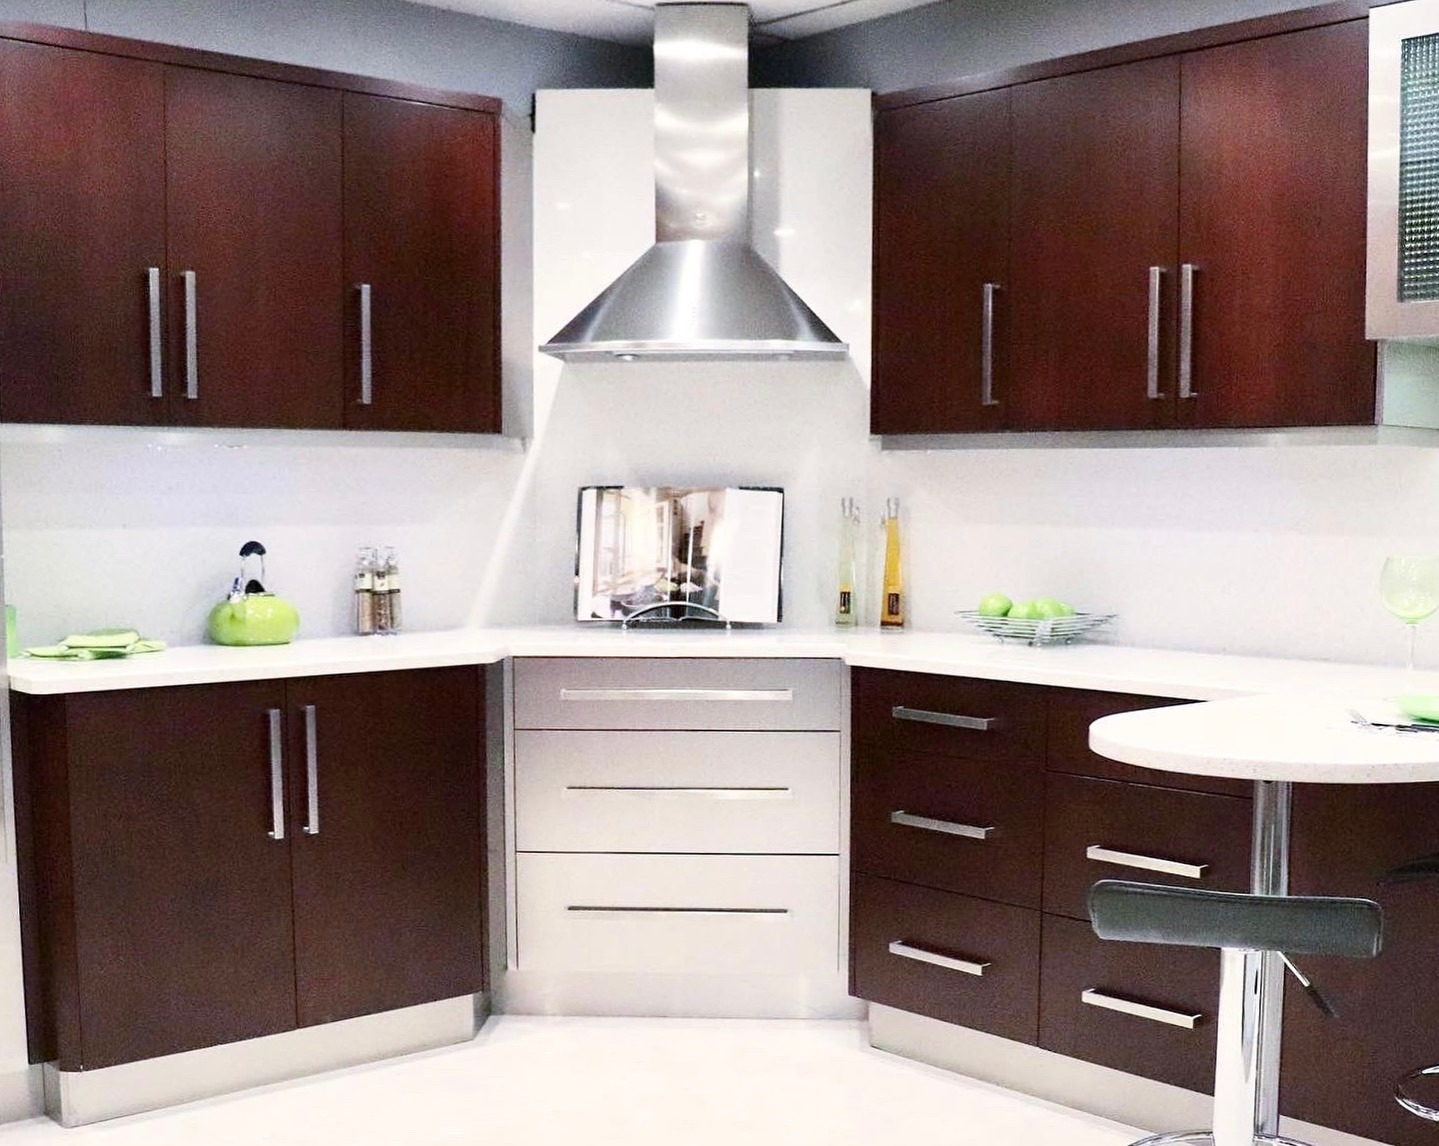 Modern Kitchen Remodel in Boca Raton, FL.